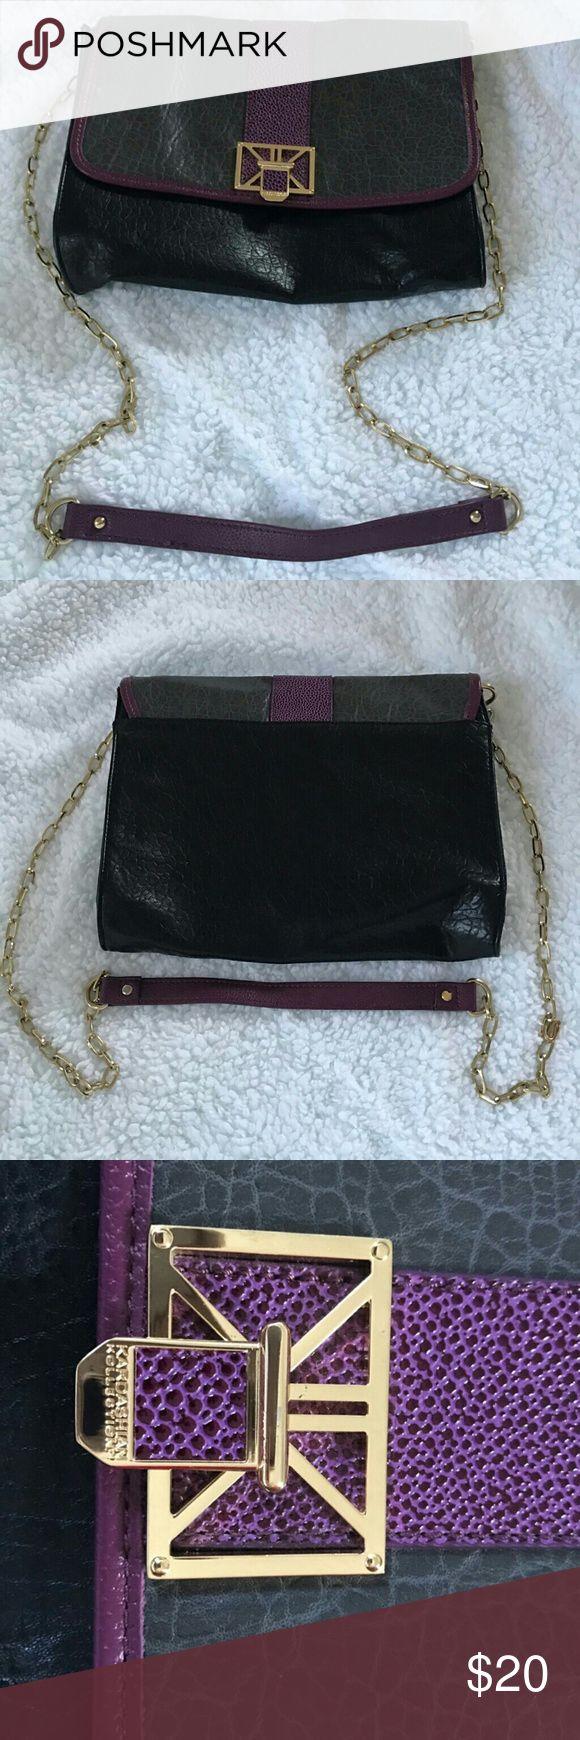 kardashian kollection purse kardashian kollection purse Kardashian Kollection Bags Shoulder Bags